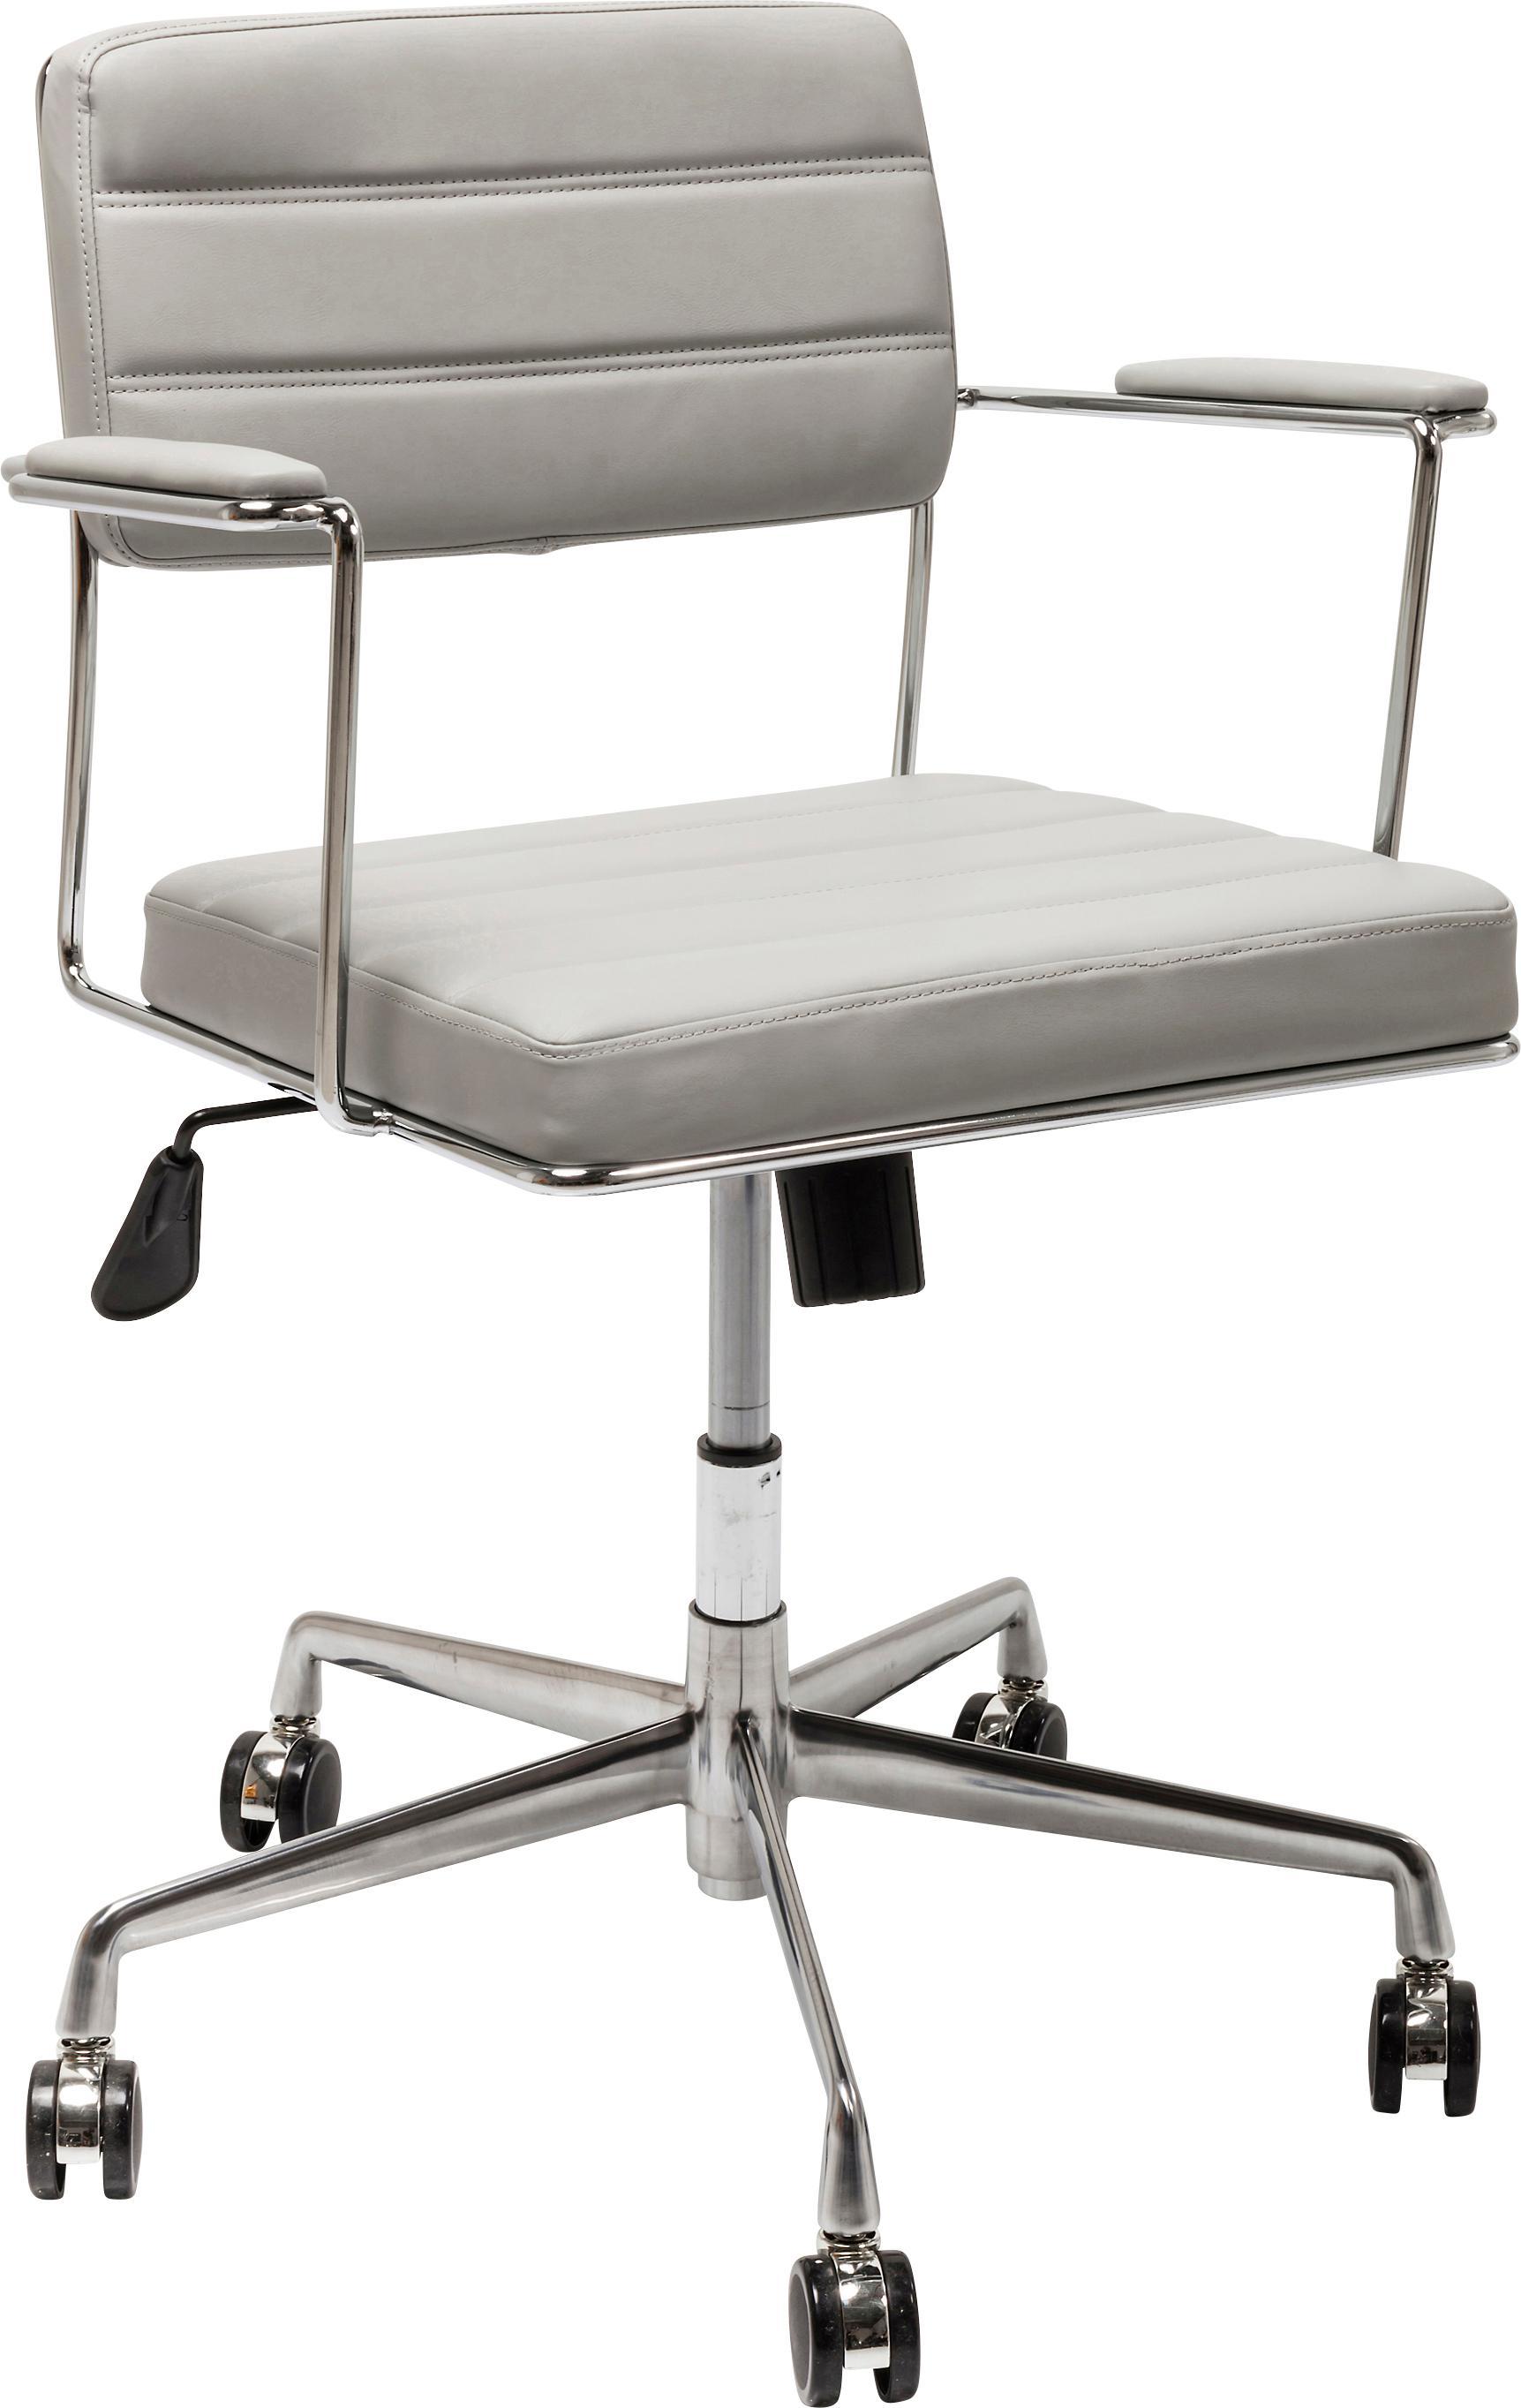 Biurowe krzesło obrotowe ze sztucznej skóry Dottore, Tapicerka: sztuczna skóra, Stelaż: metal chromowany, Jasny szary, chrom, S 44 x W 78 cm